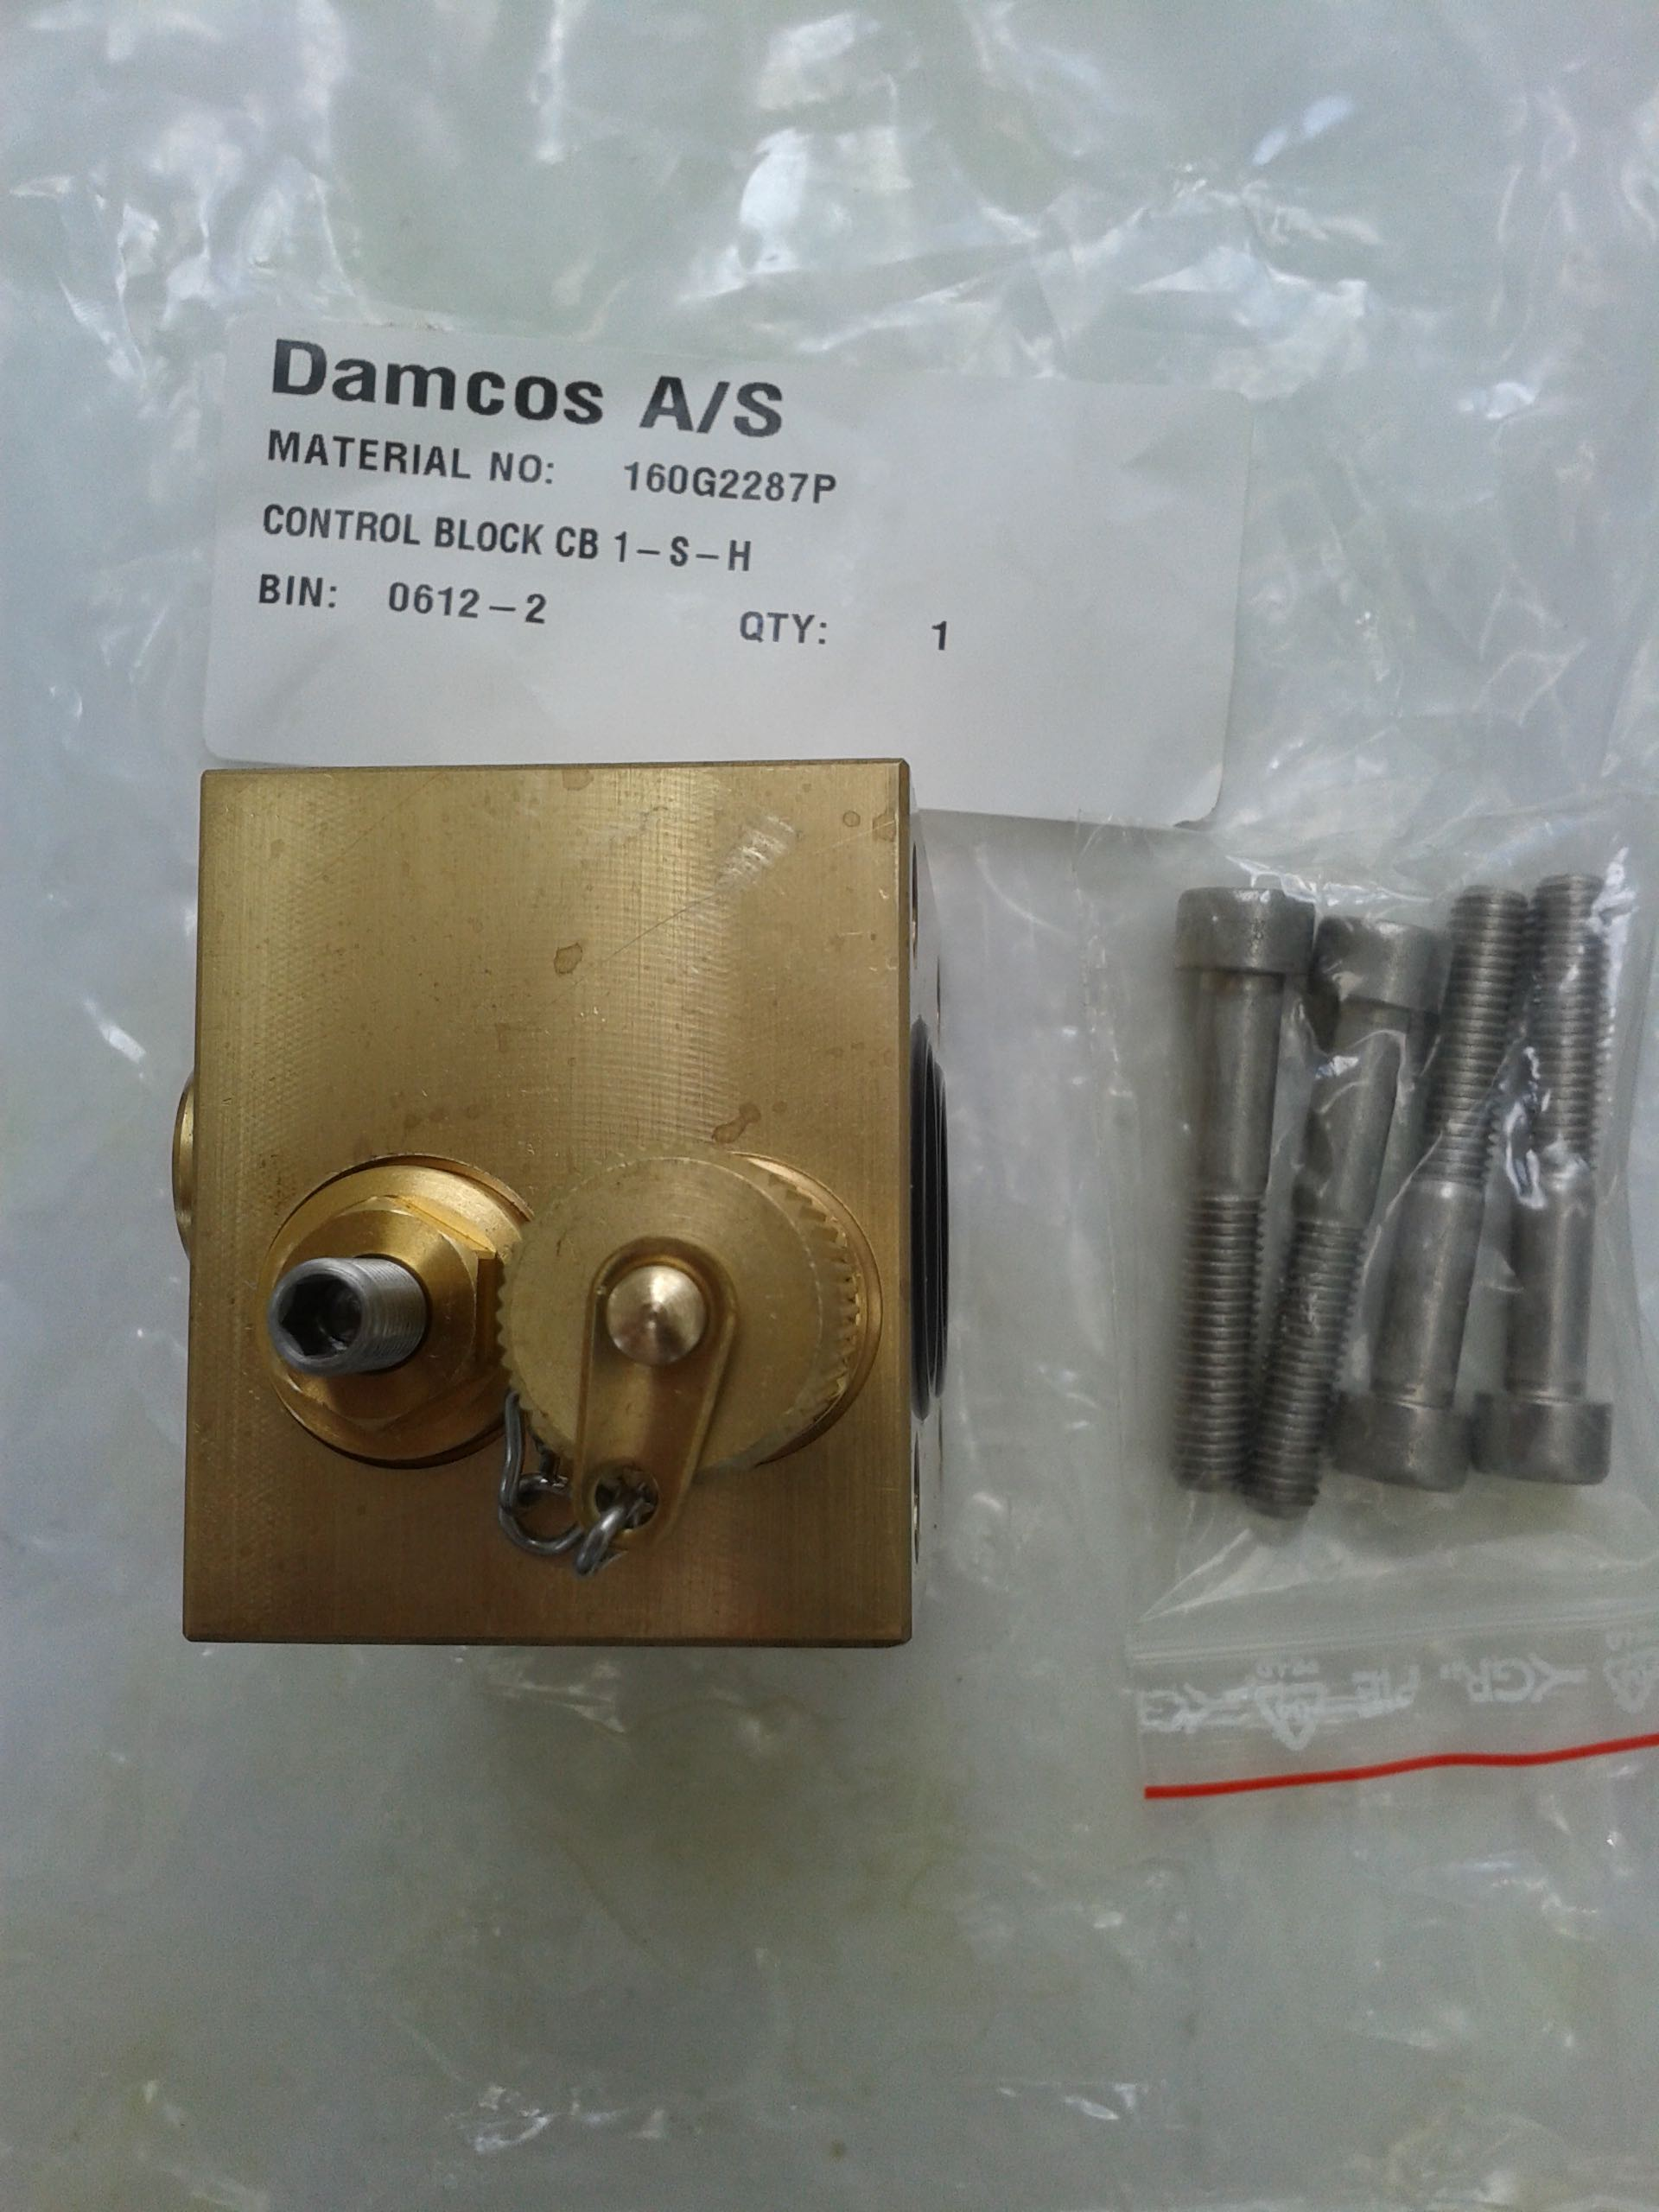 Damcos CB 1-S-H 160G2287P Control block